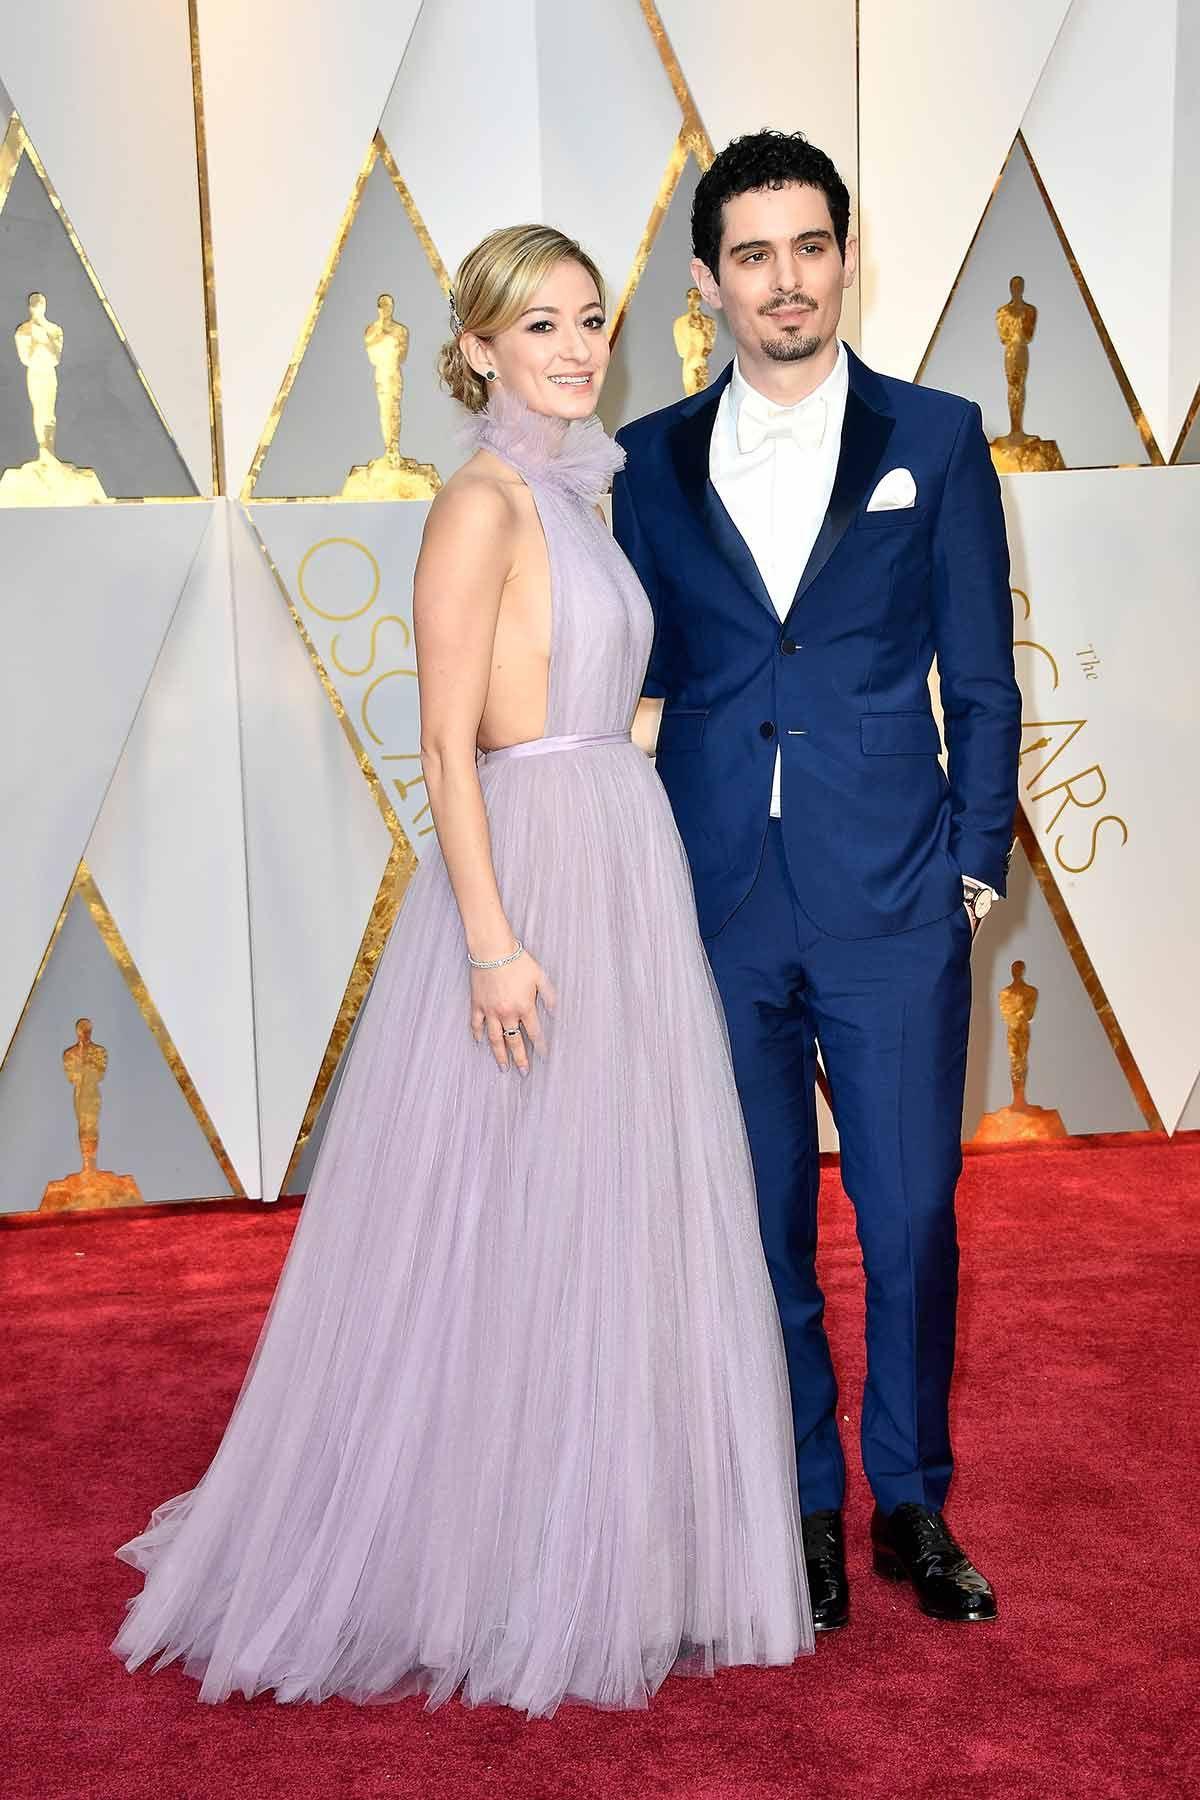 La Alfombra Roja De Los Premios Oscar 2017 Vestido De Famosa Vestidos Para El Oscar Vestidos De Alfombra Roja